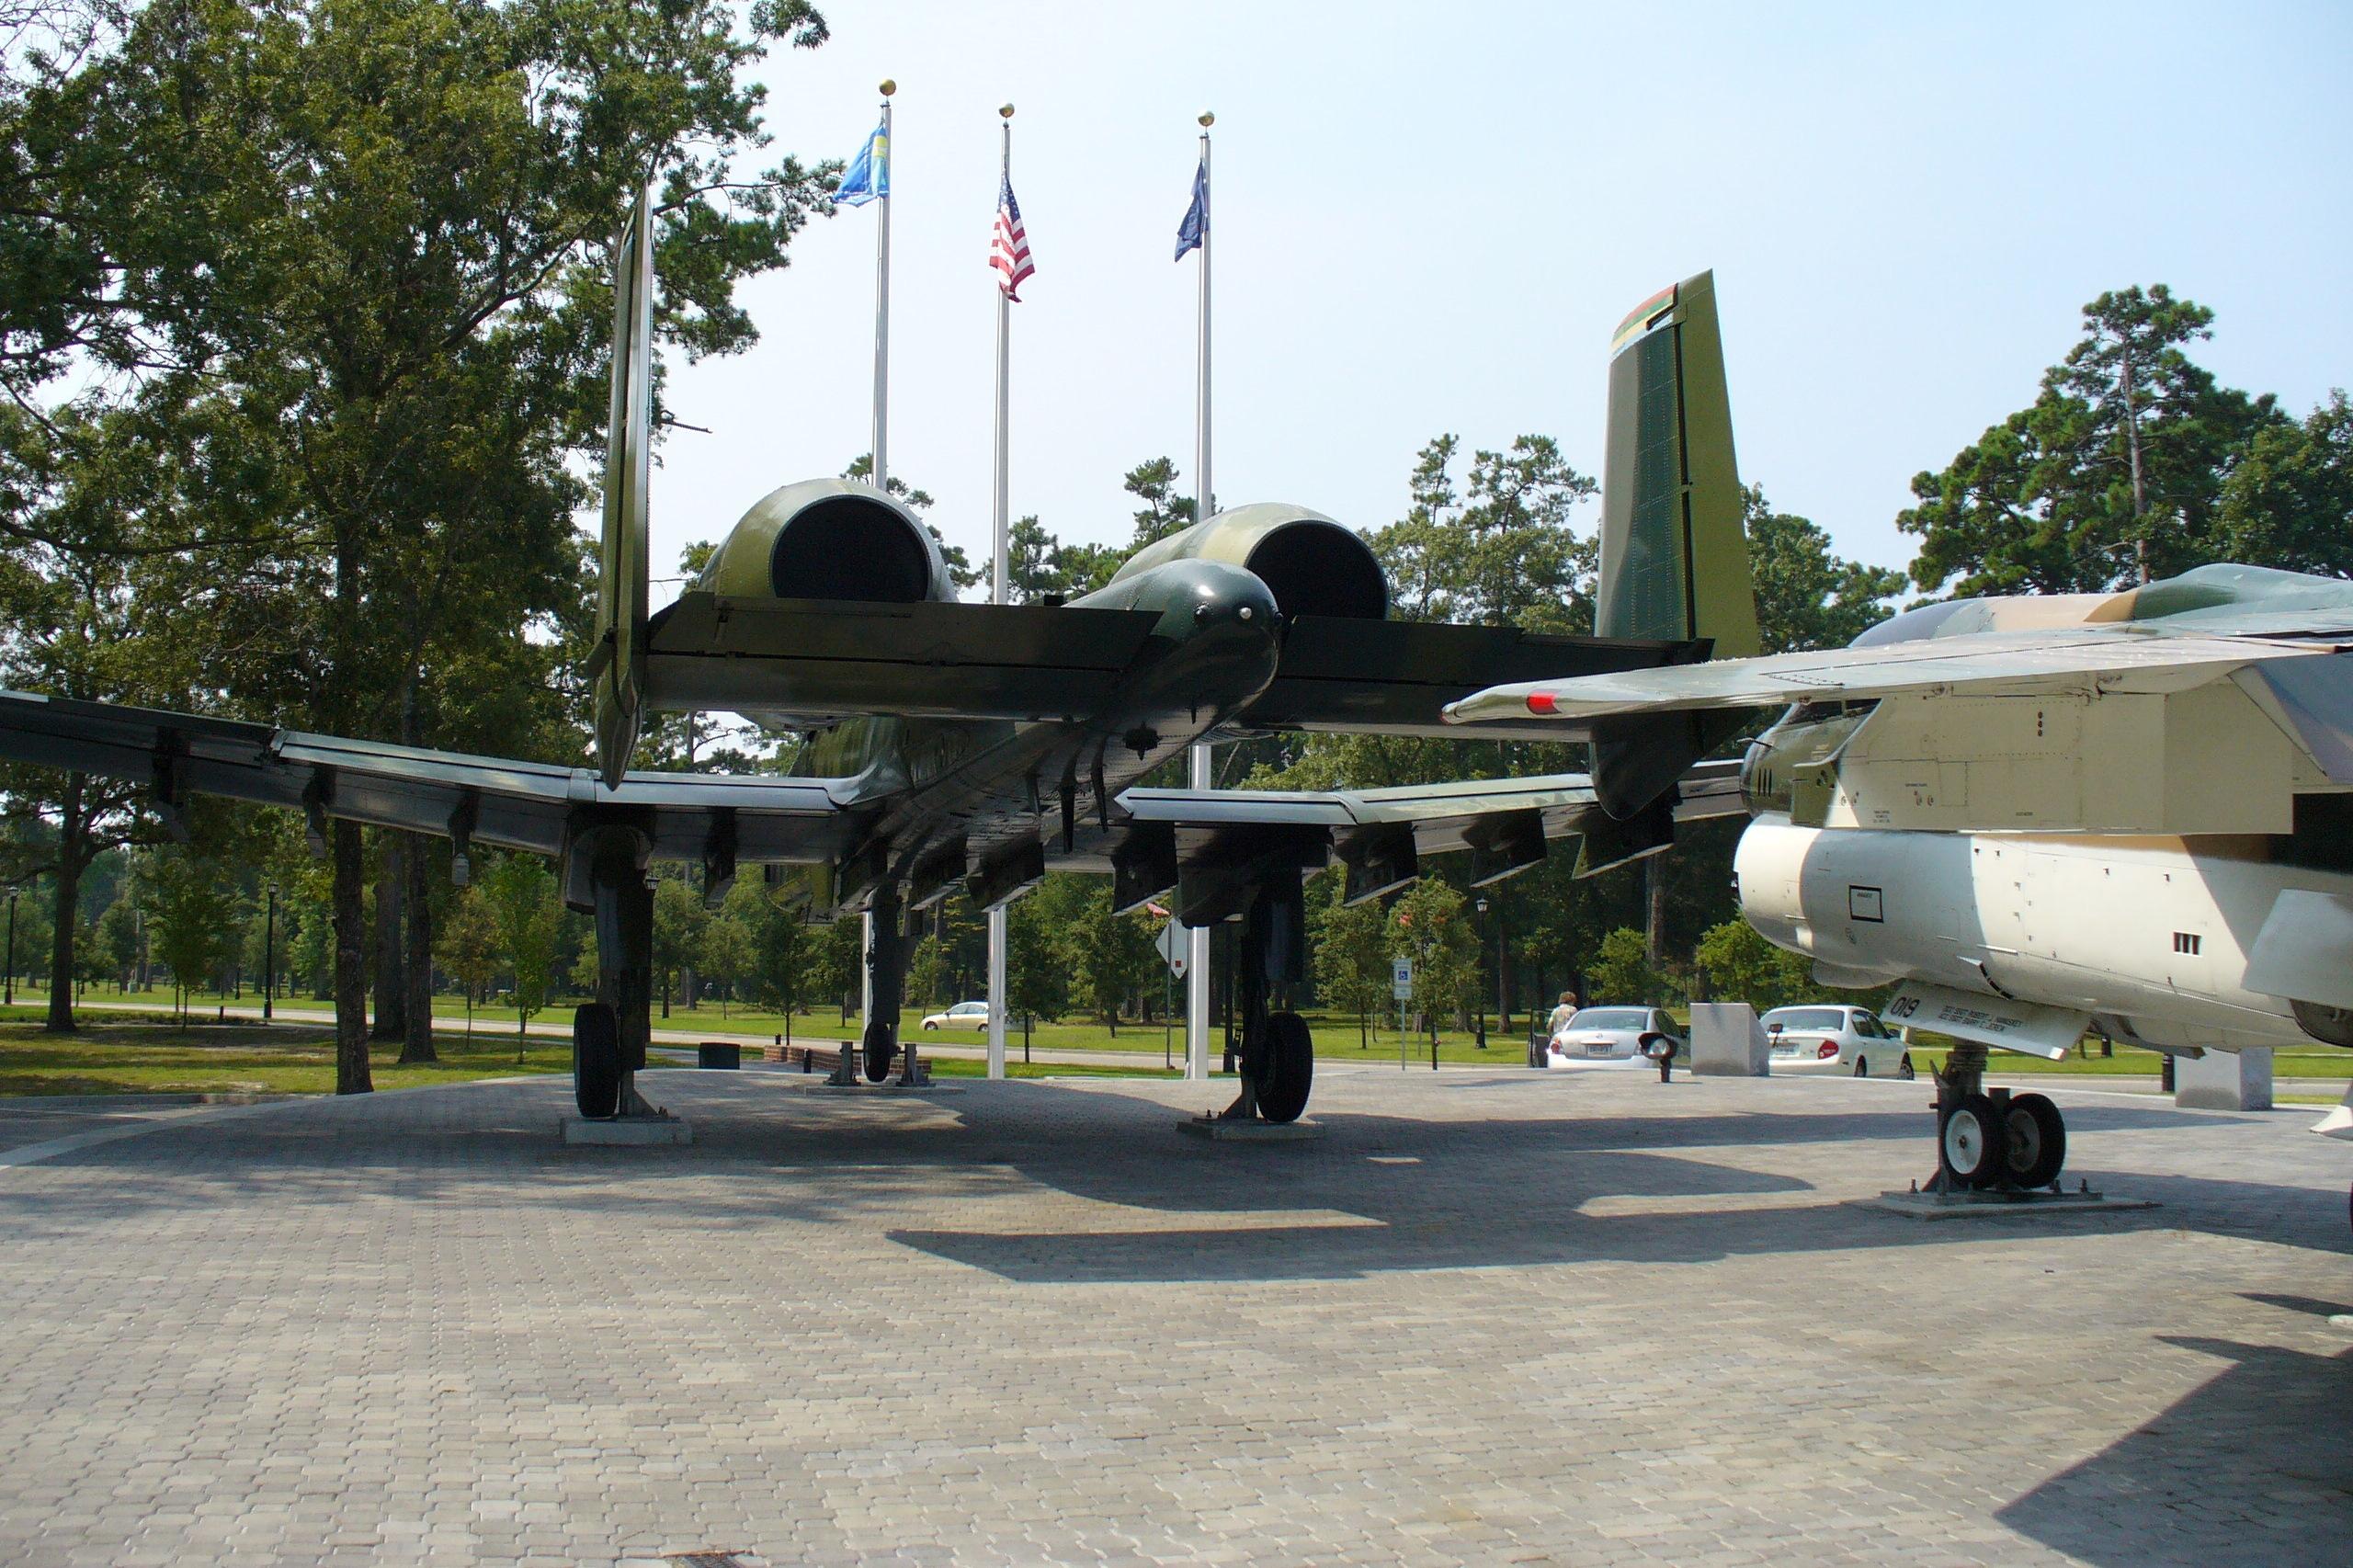 Myrtle Beach Airplane Park